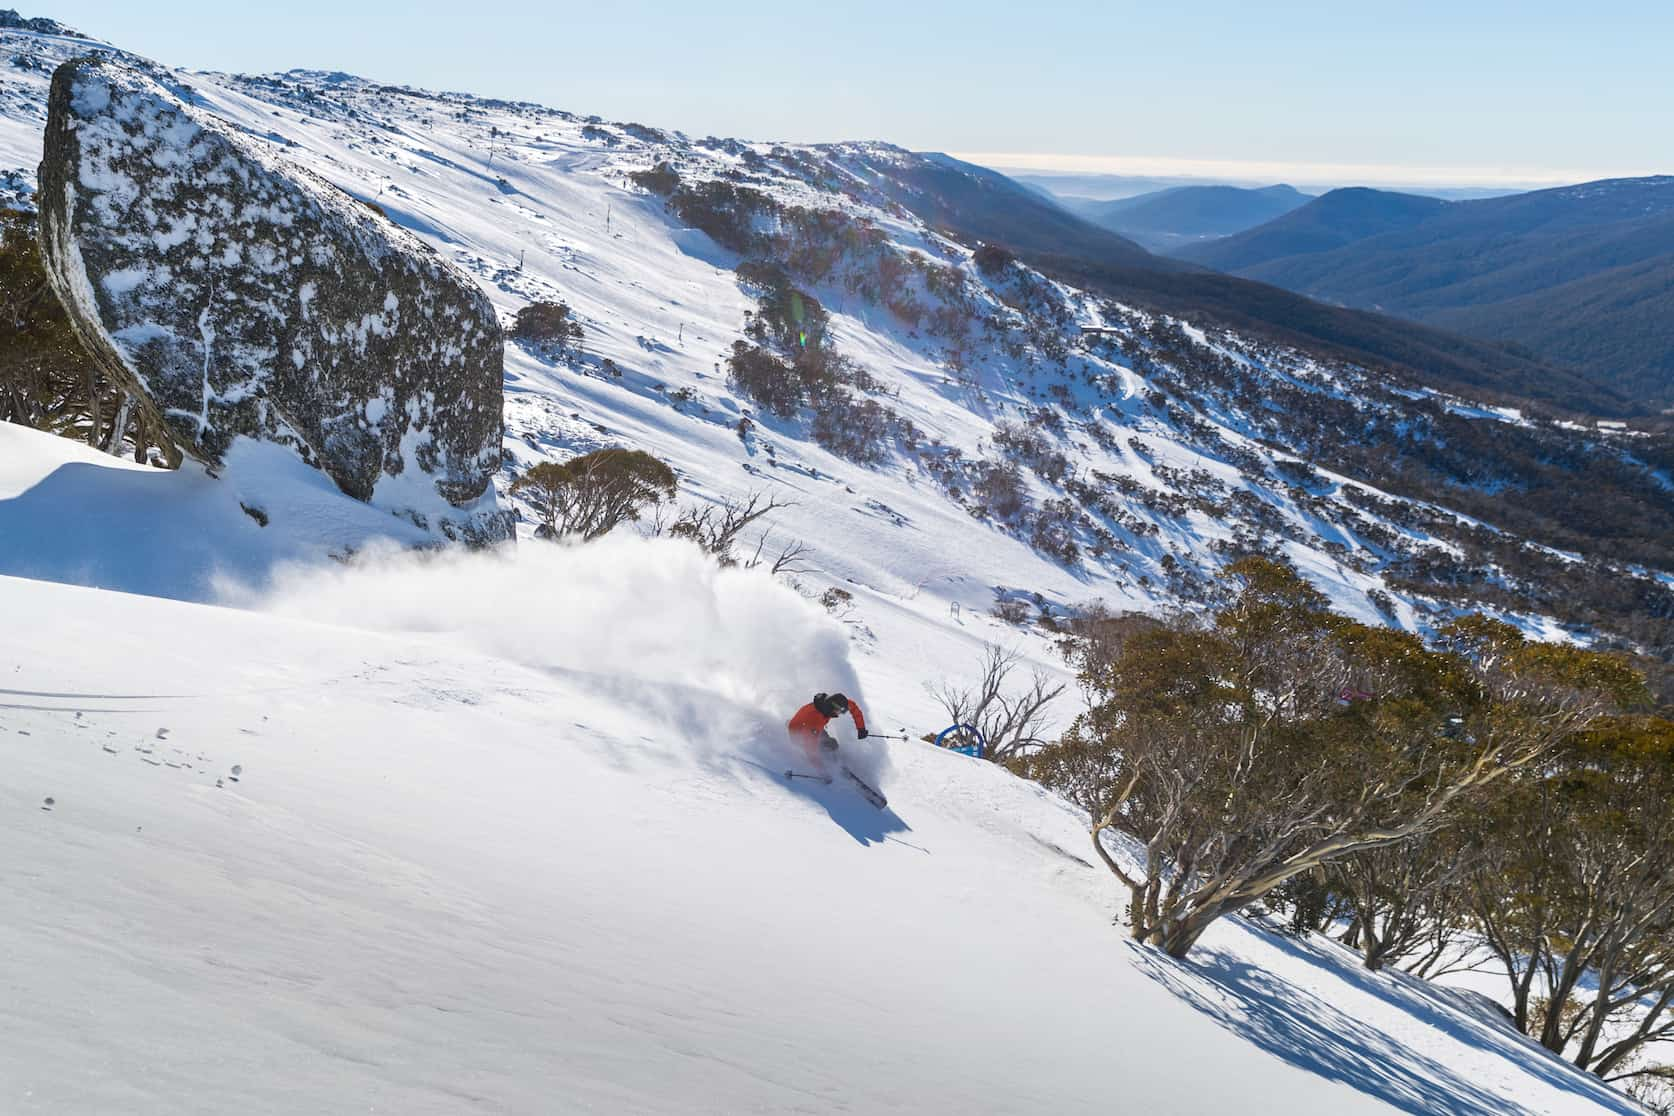 Choosing The Right Ski - Take The Ski Selector Quiz